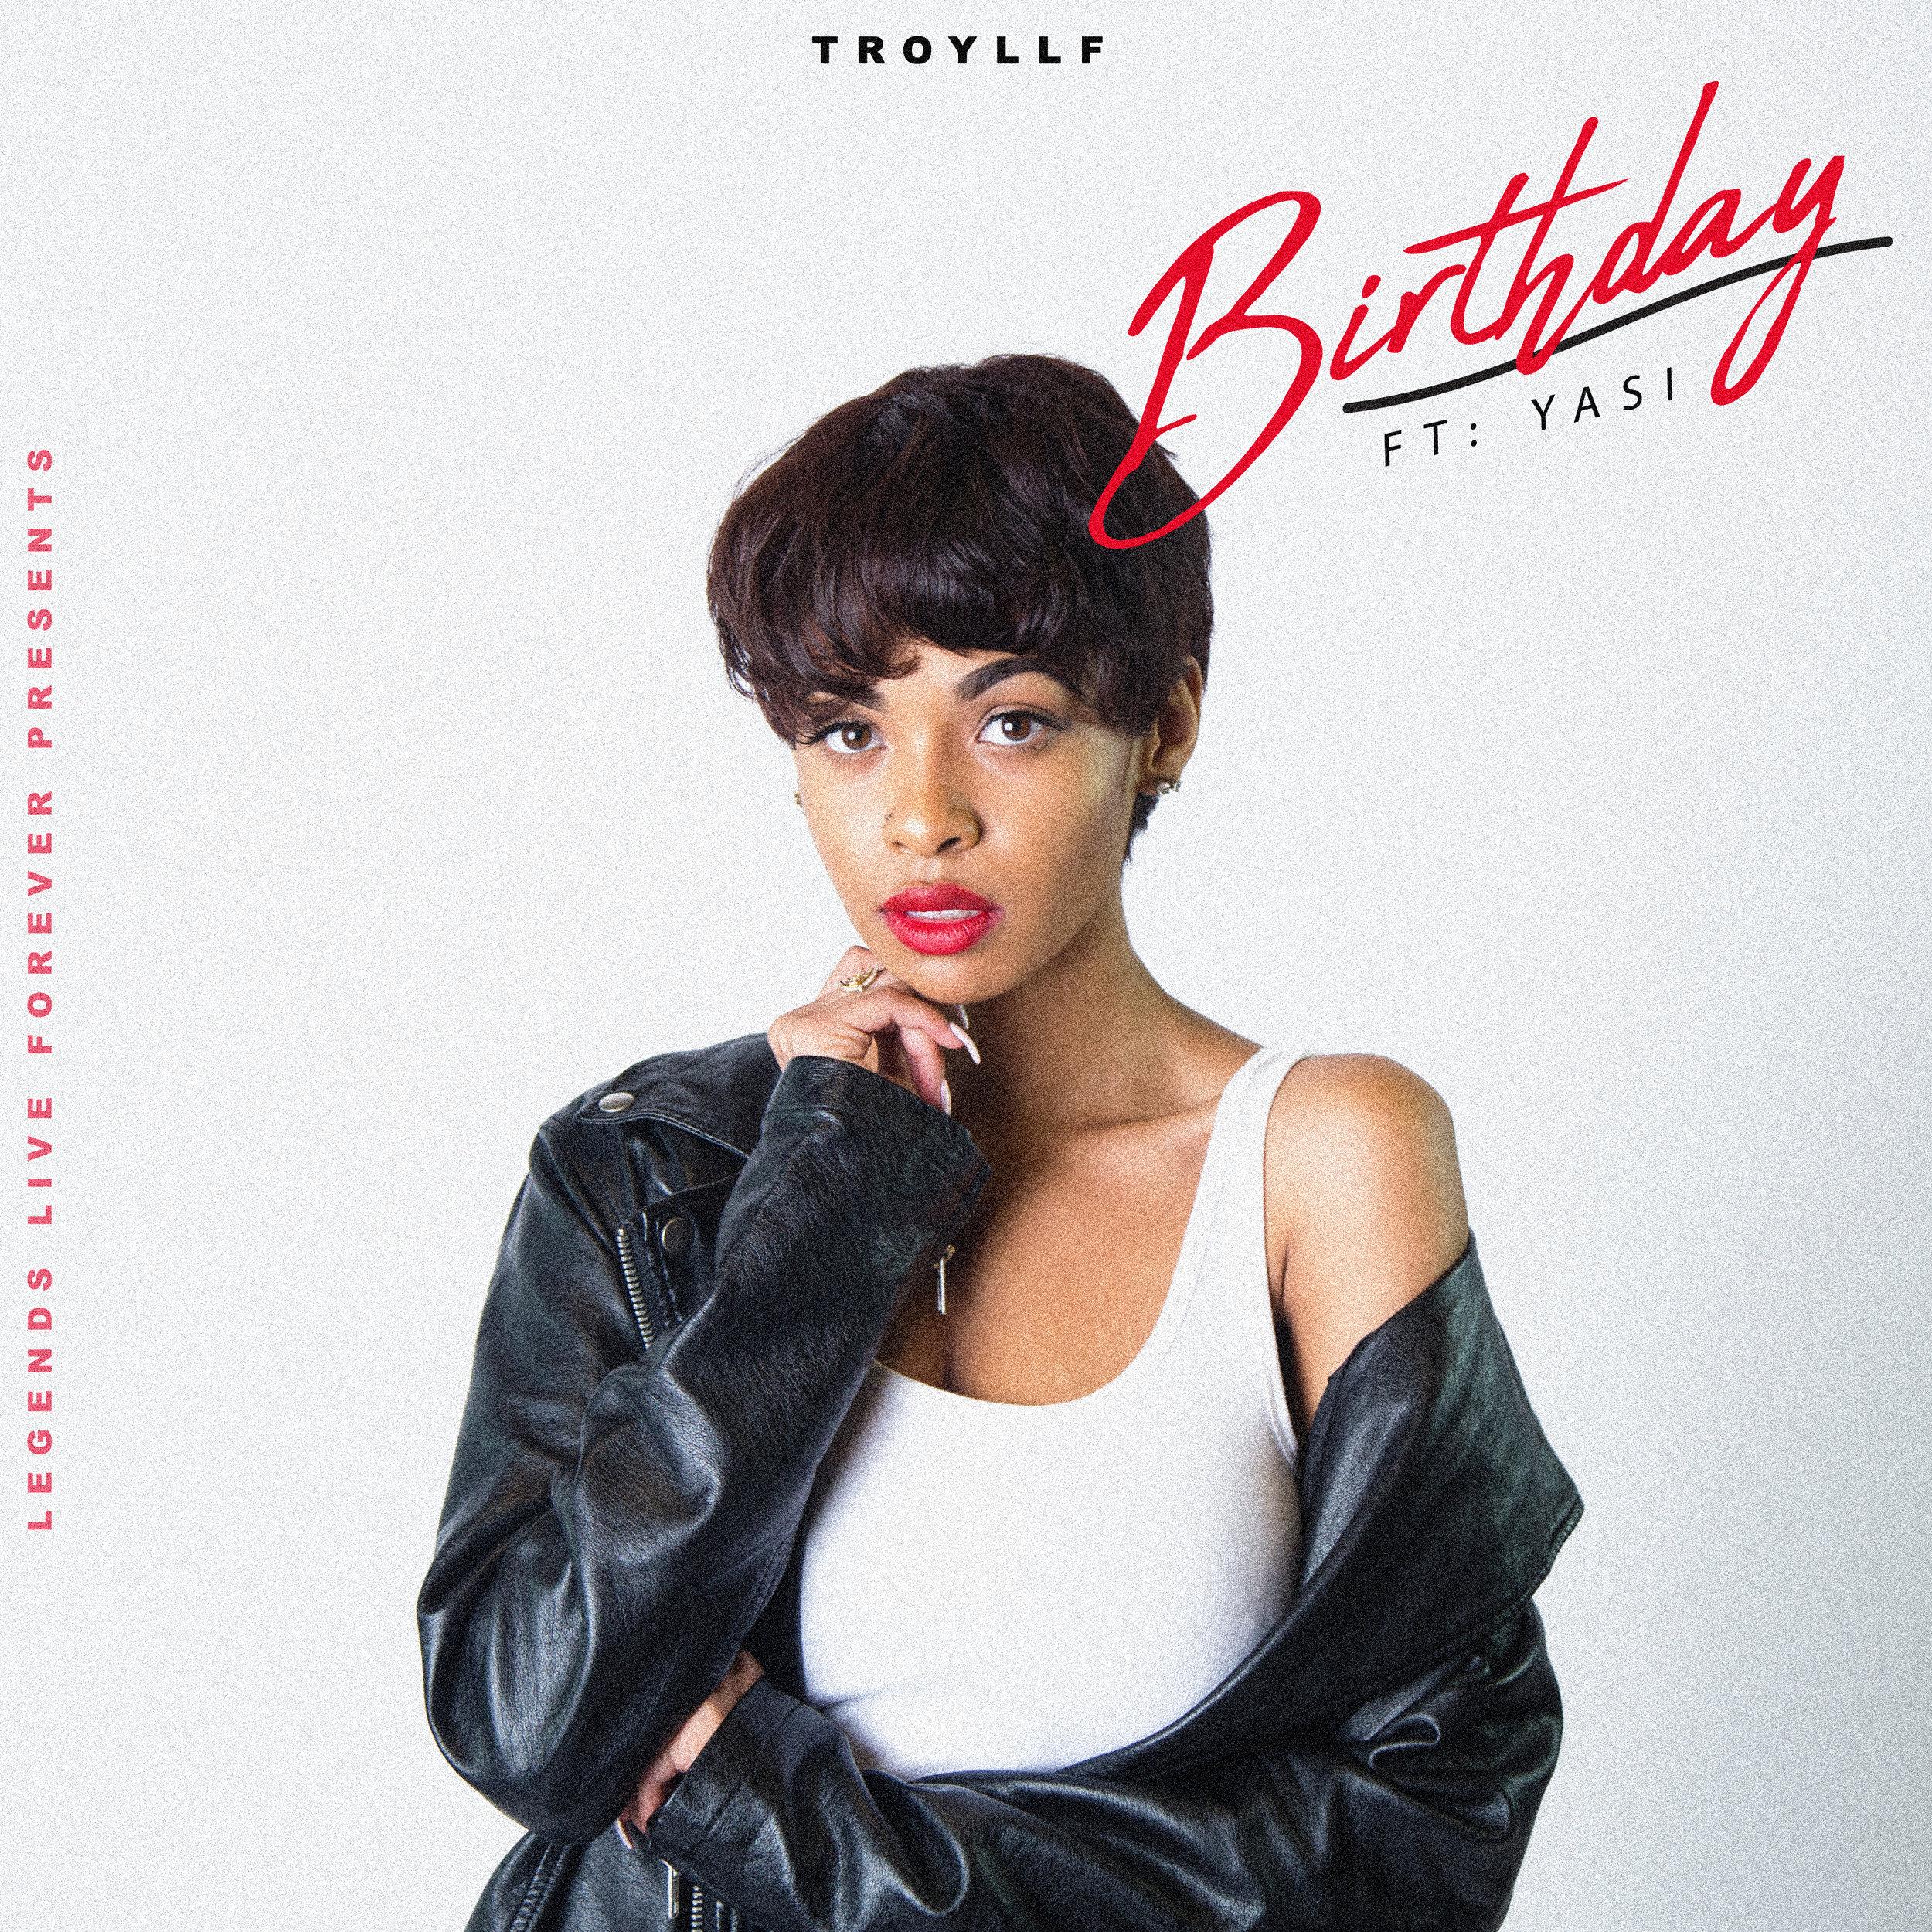 Troyllf-birthday.jpg